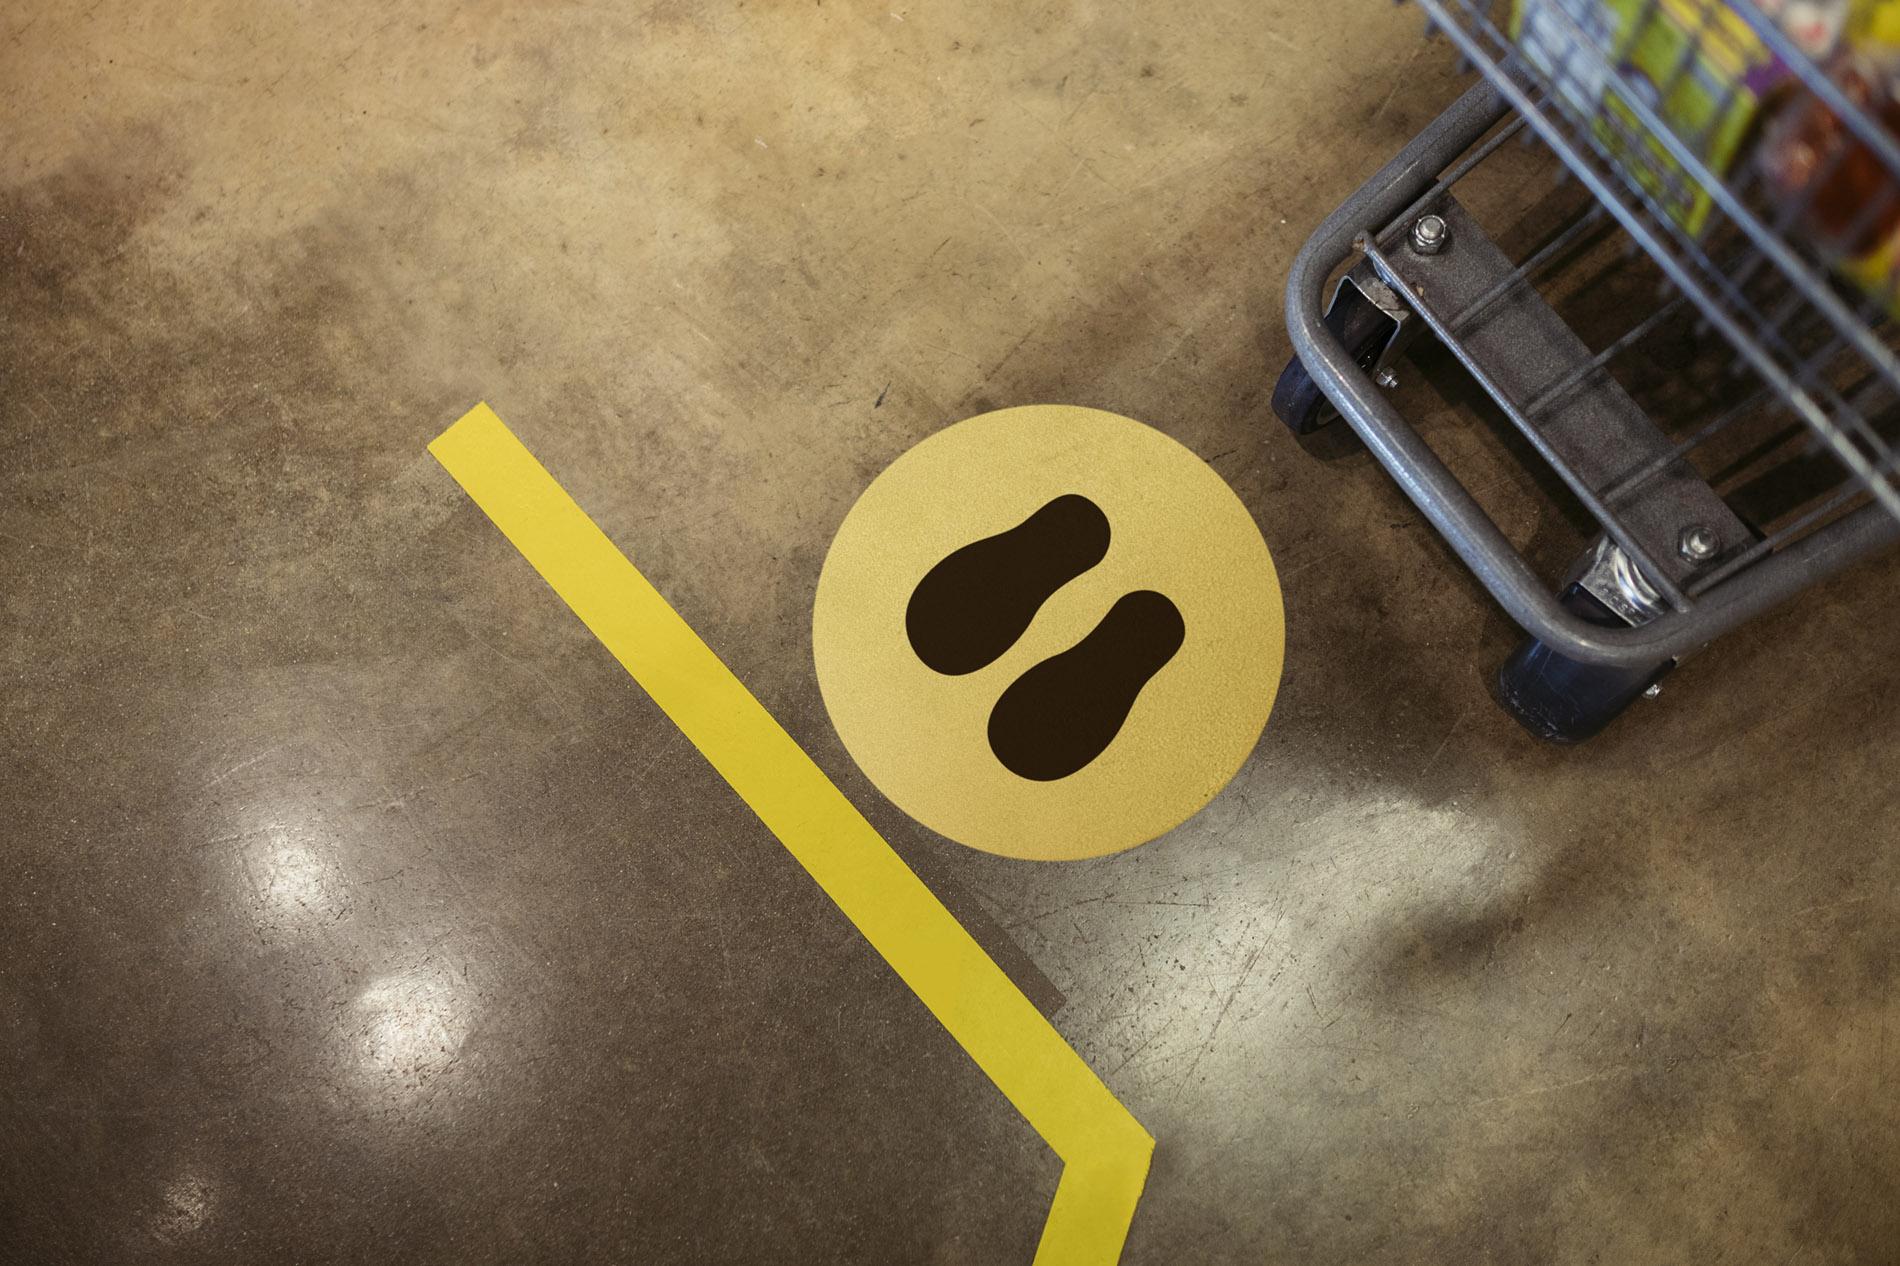 signcraft-rotterdam-vloerstickers-corona-maatregelen-signing-vloer-sticker-even-geduld-aub